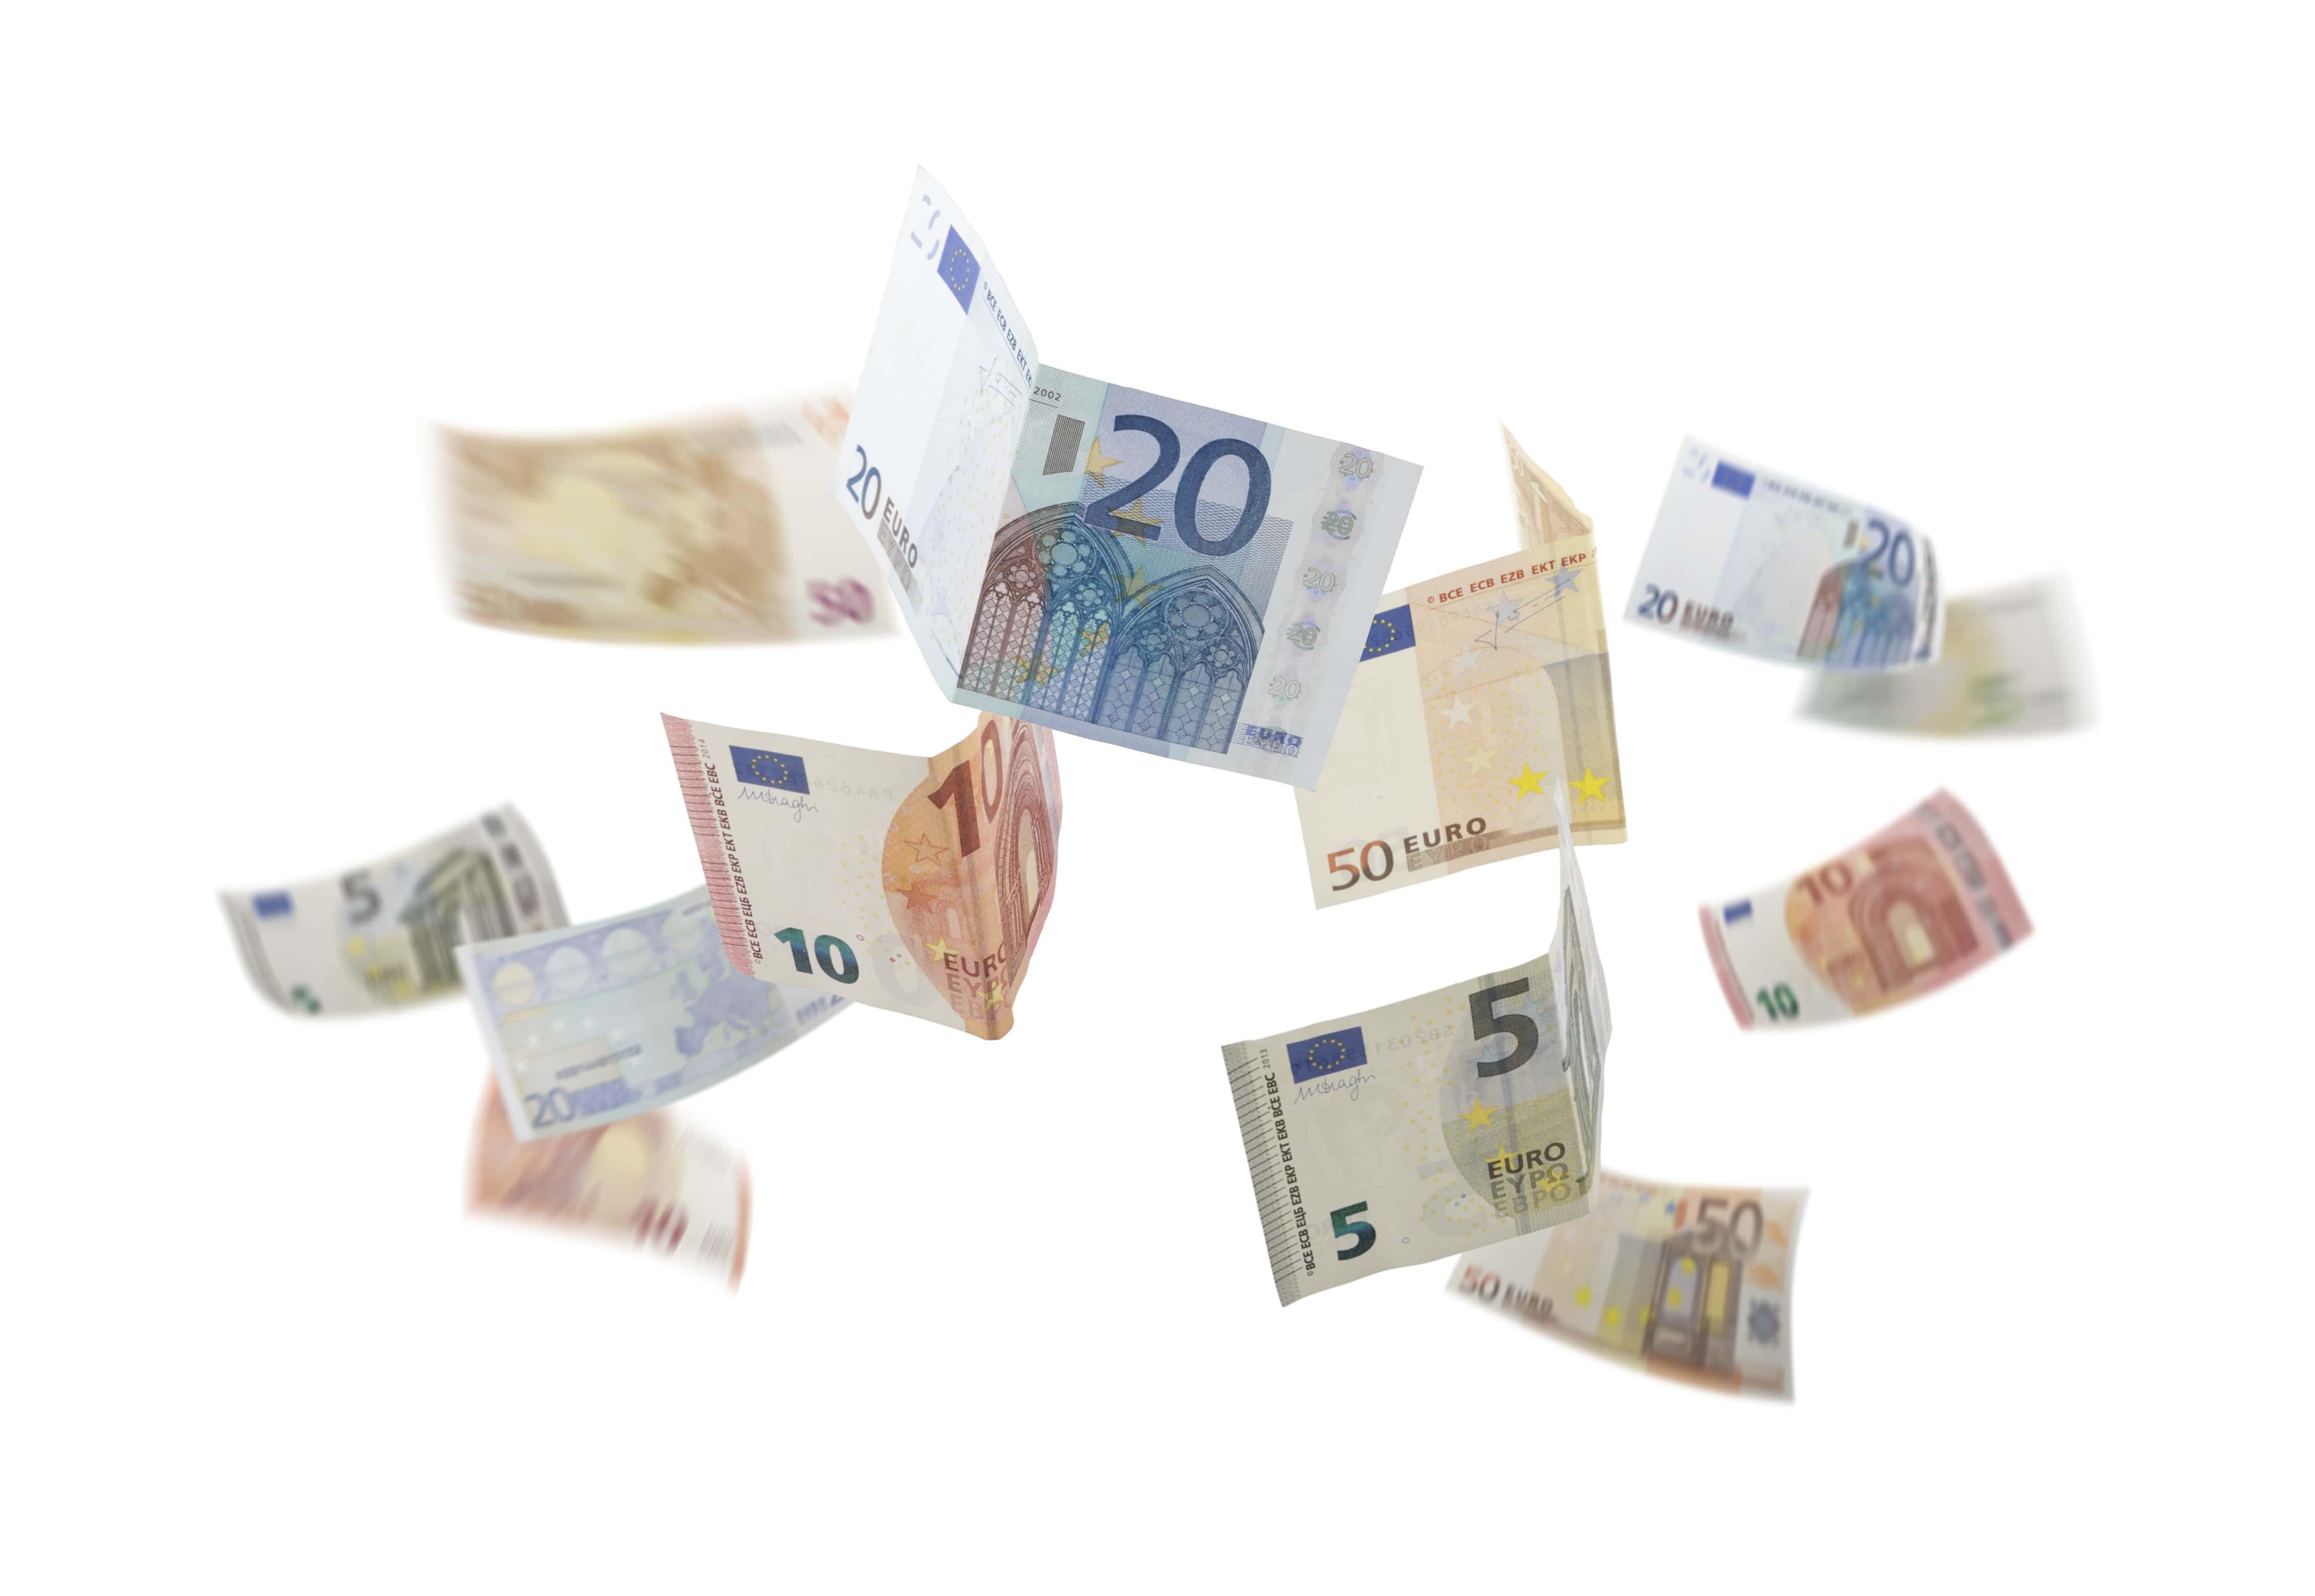 prestamistas en Castelló de la Plana particulares y privados